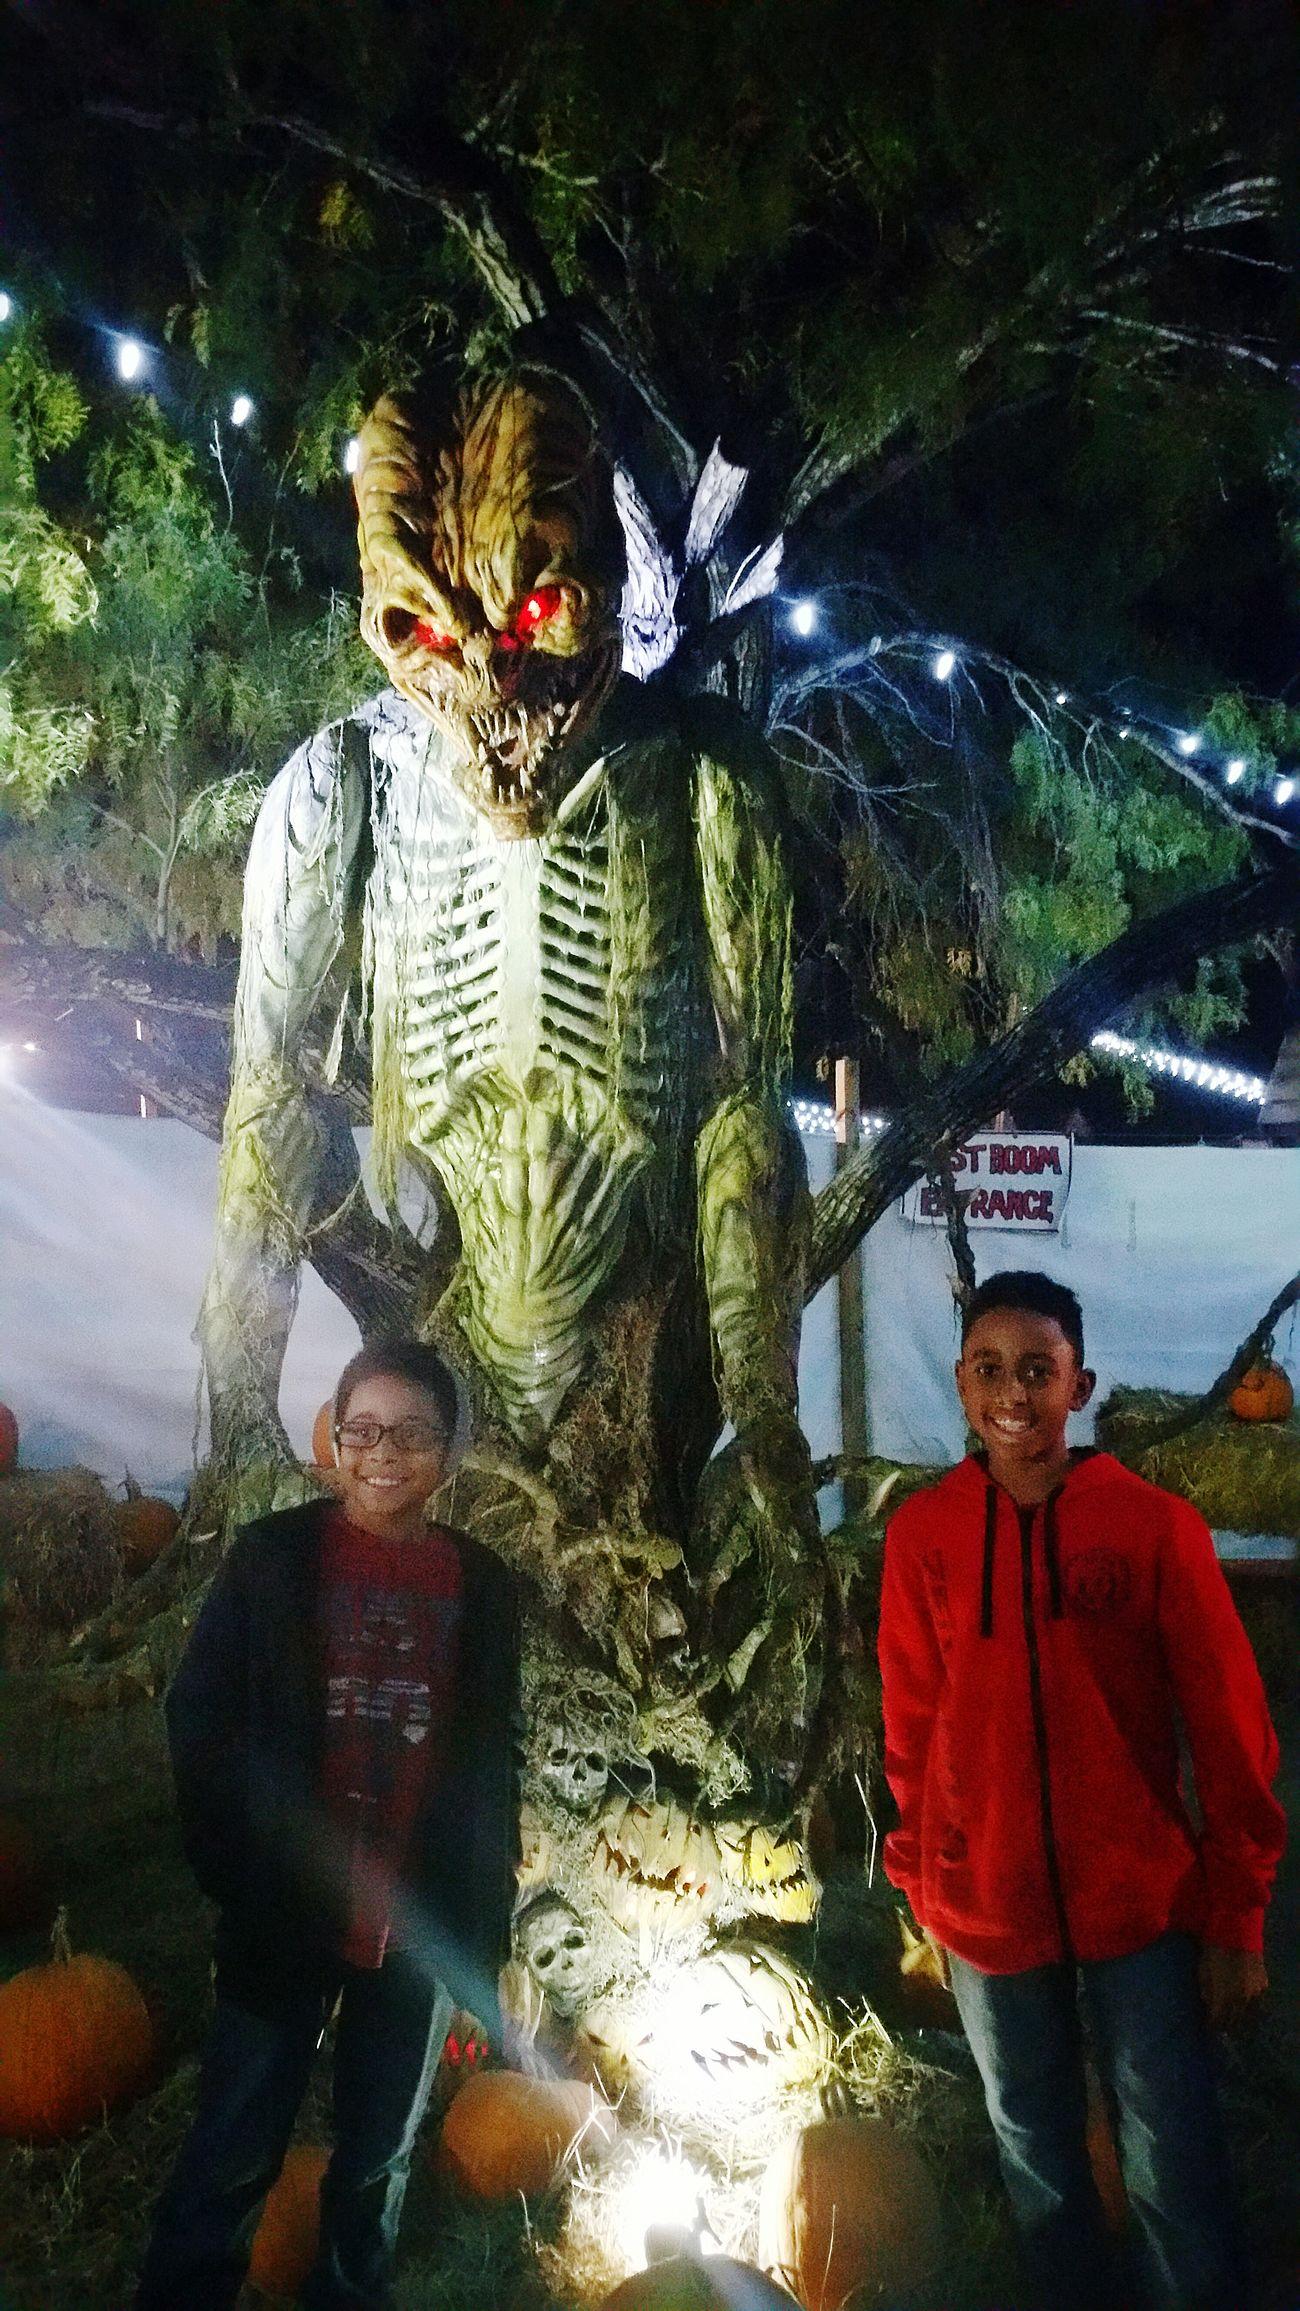 My kids enjoyed the haunted house.